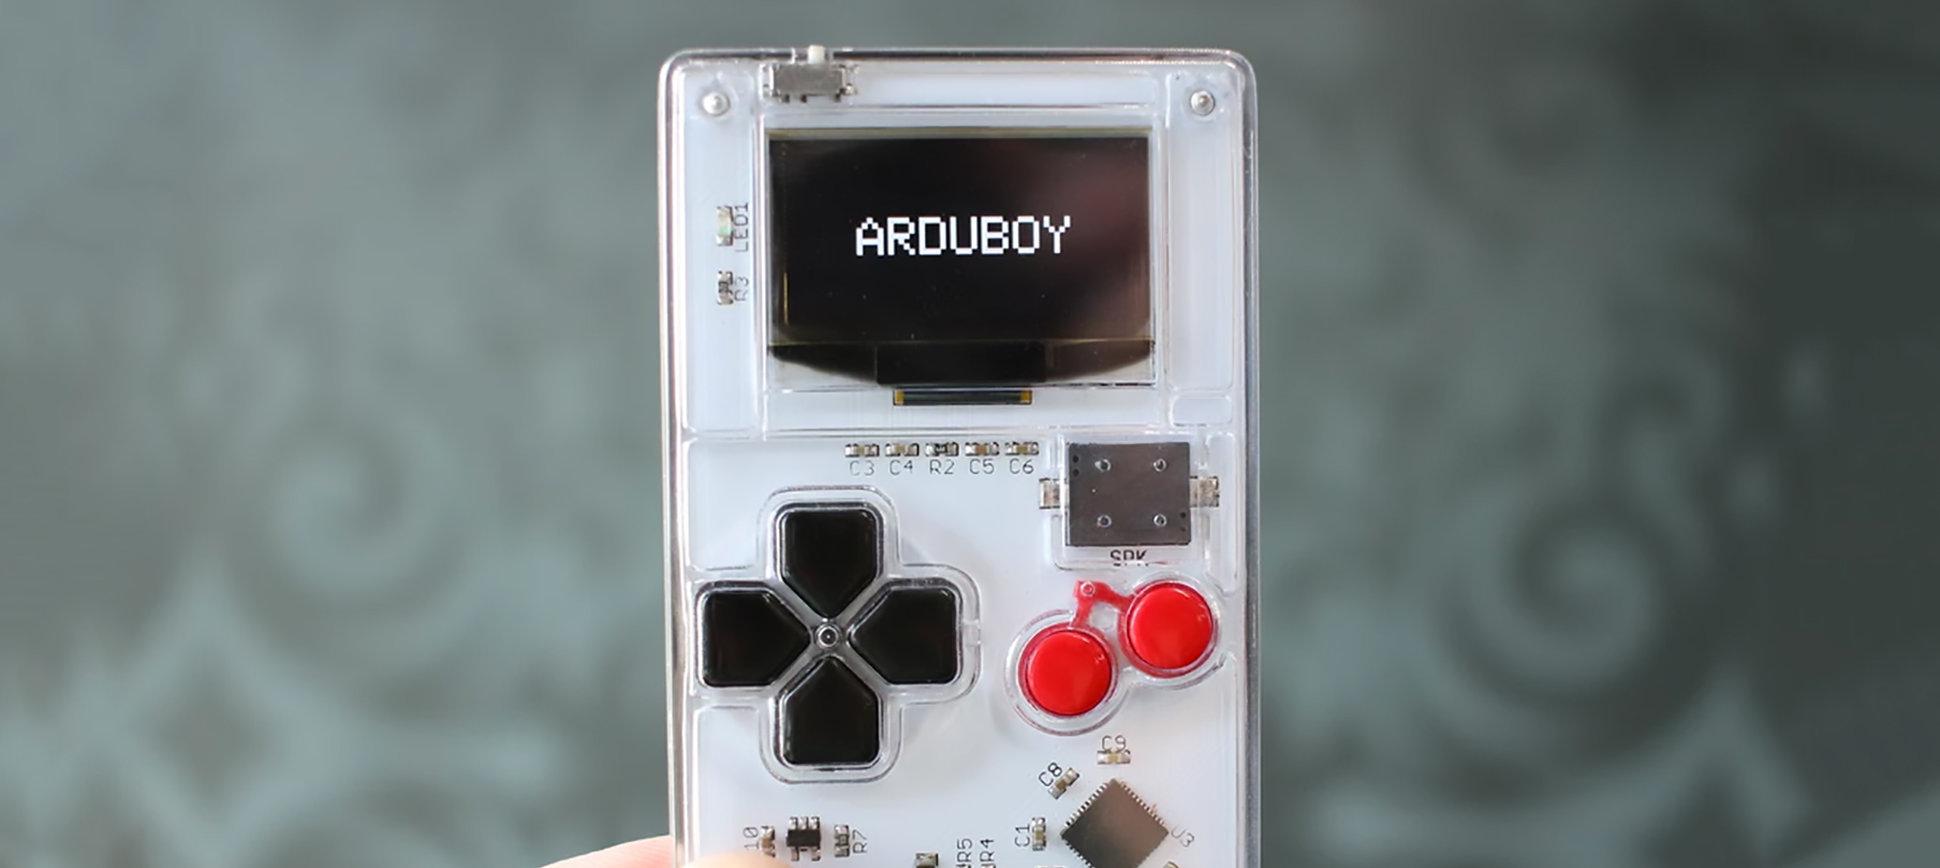 Esta consola basada en Arduino mide lo que una tarjeta de crédito